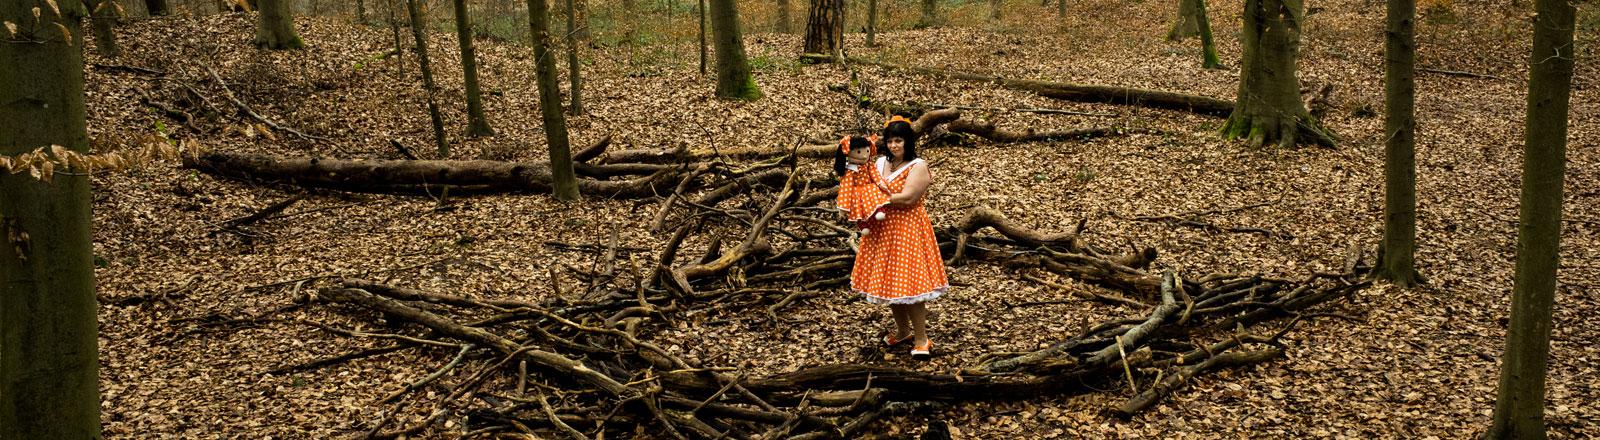 Ulrike Weiß mit ihrer Bauchrednerpuppe Linchen im Wald.